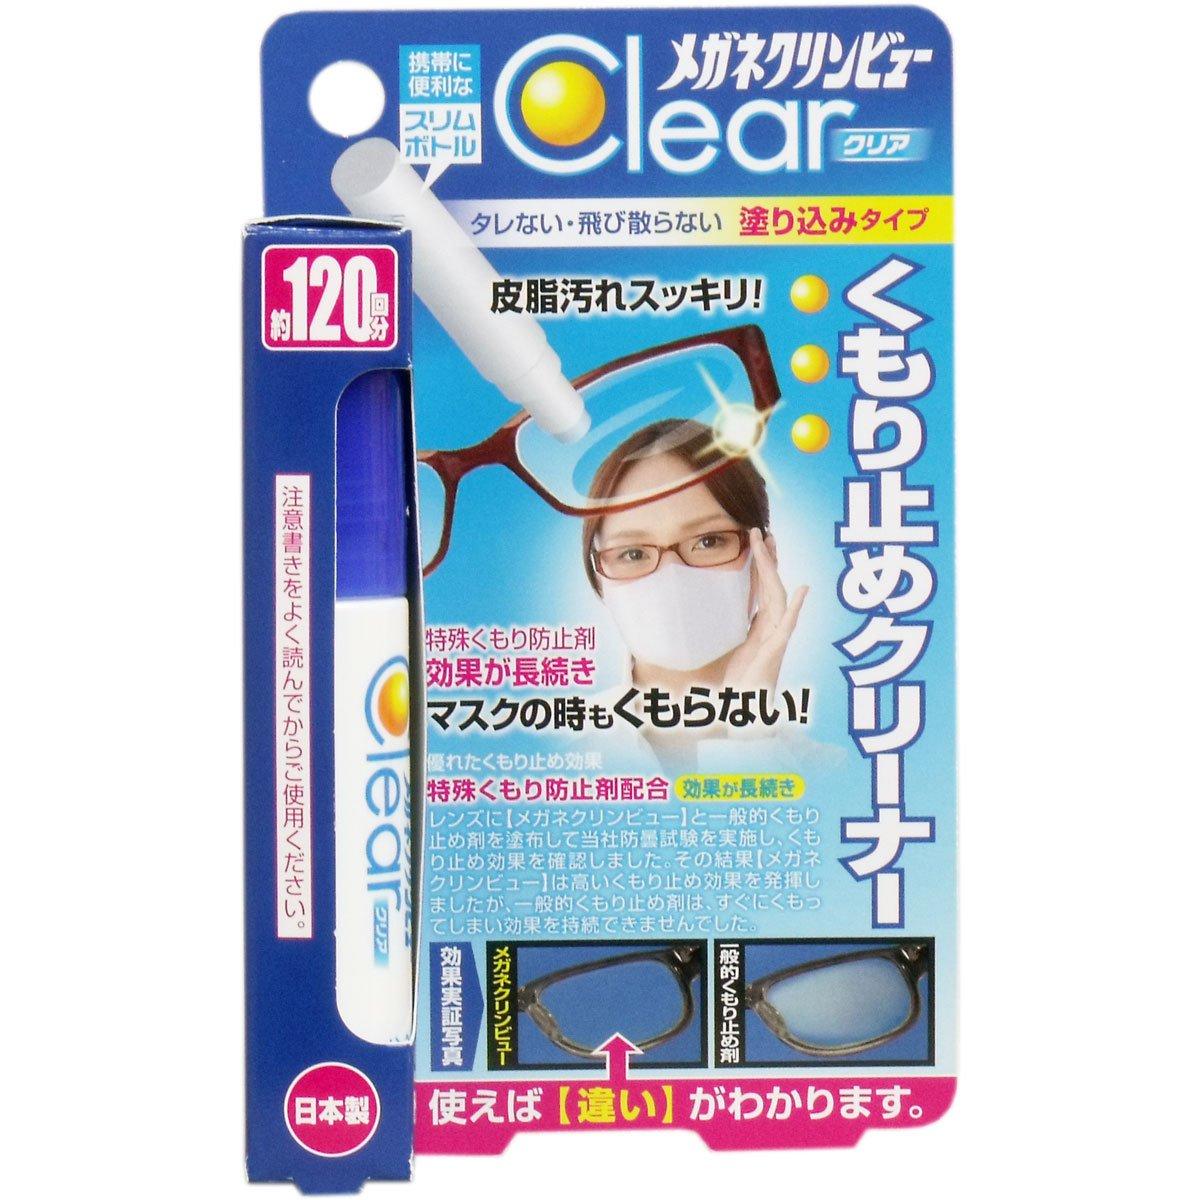 Amazon メガネクリンビューくもり止めクリーナー 10ml メガネ